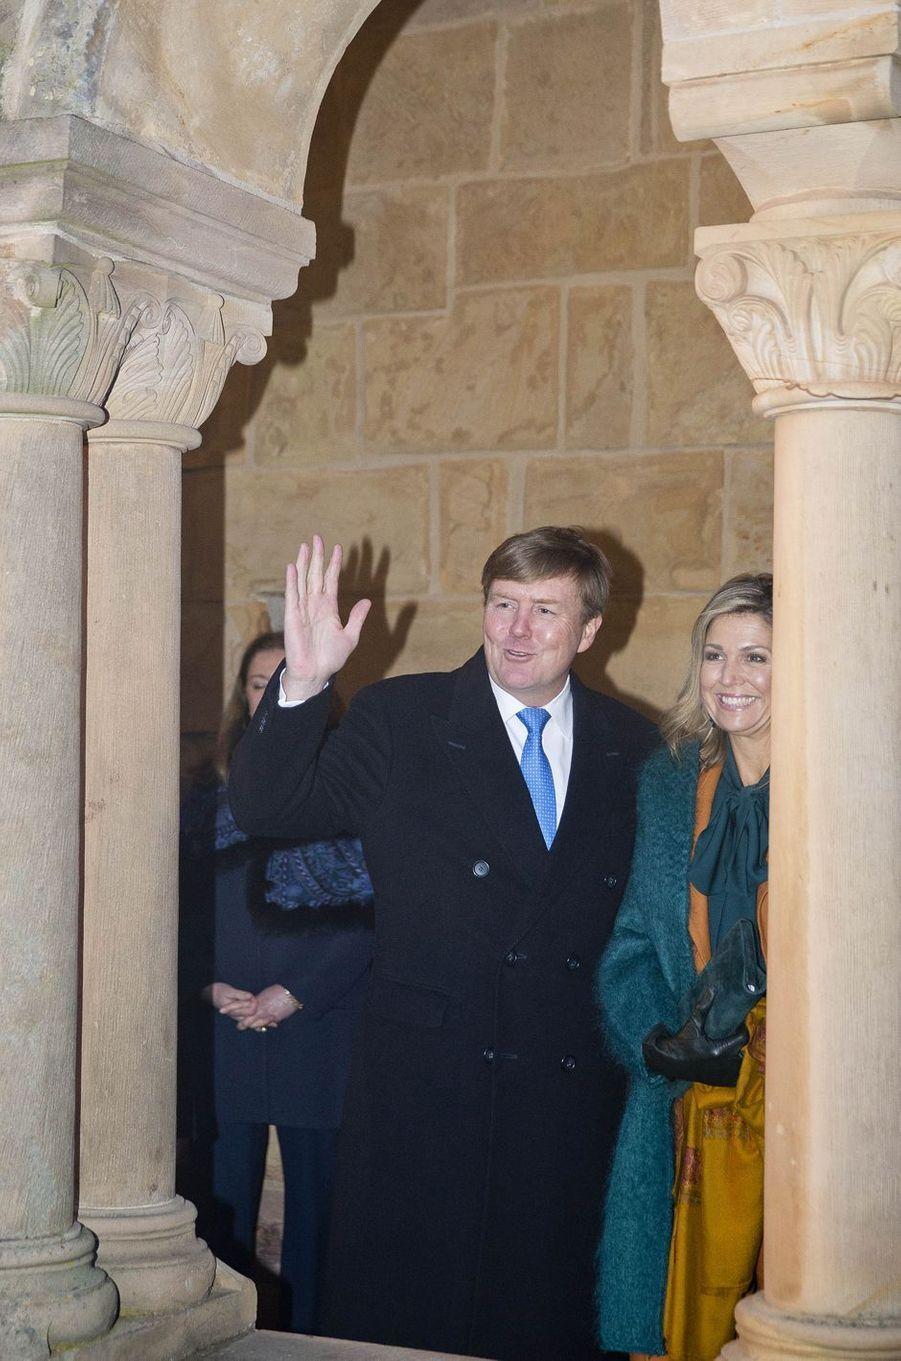 La reine Maxima et le roi Willem-Alexander des Pays-Bas au château de la Wartbourg en Allemagne, le 7 février 2017